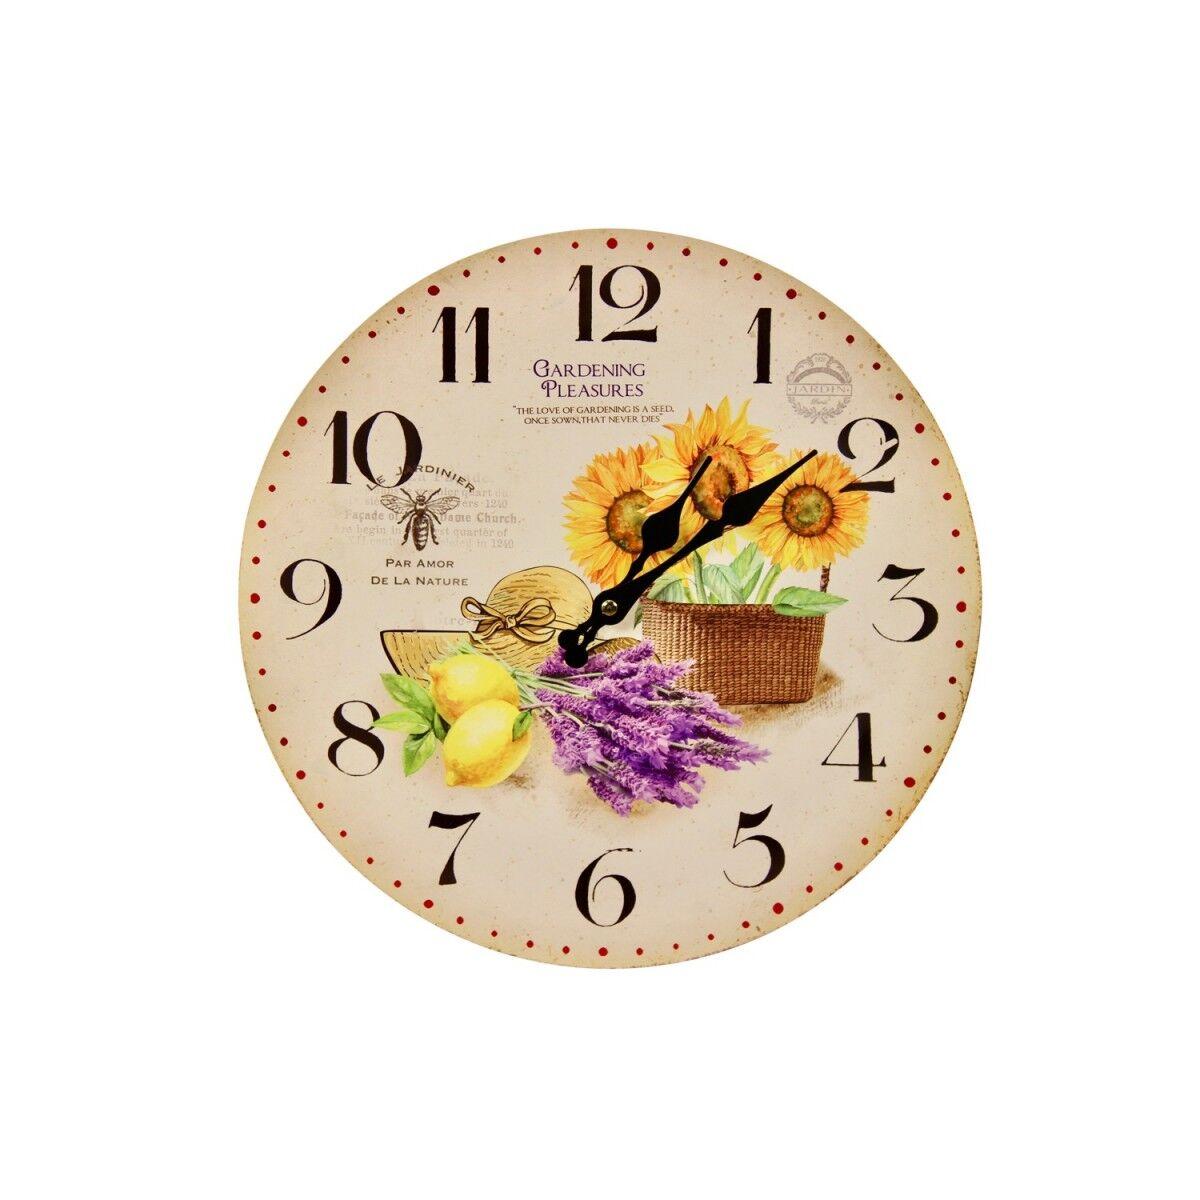 Décoration d'Autrefois Horloge Ancienne Murale Tournesol Citron 34cm - Bois - Blanc